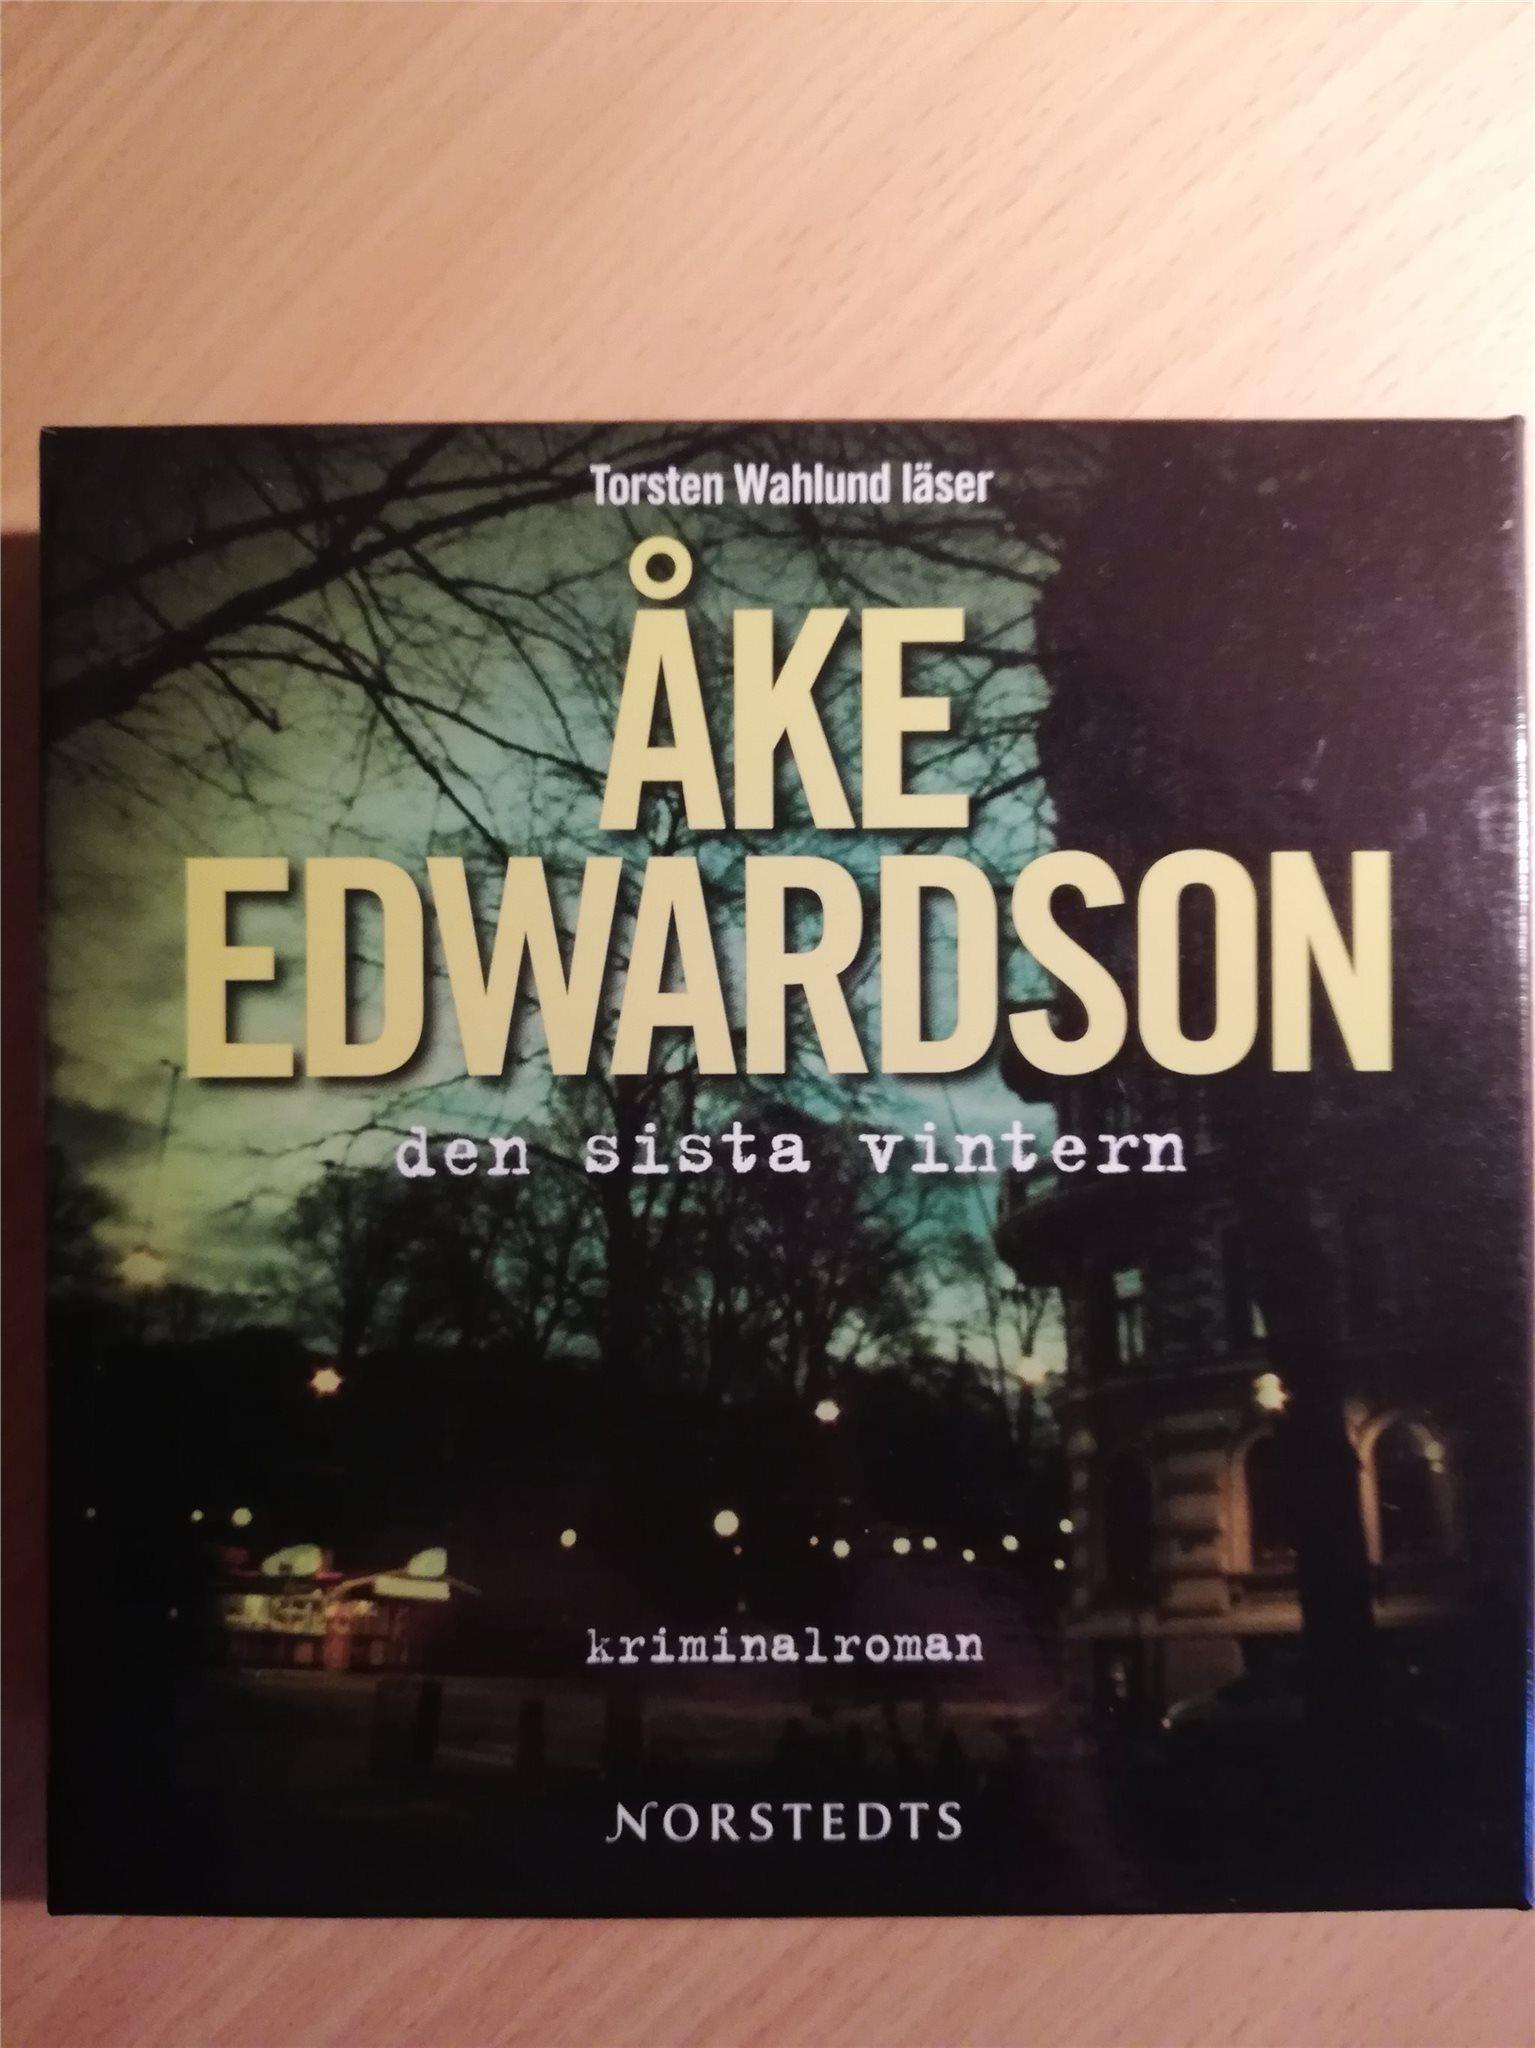 f1f45b7cb40 Åke Edwardson - Den sista vintern (349492918) ᐈ Köp på Tradera